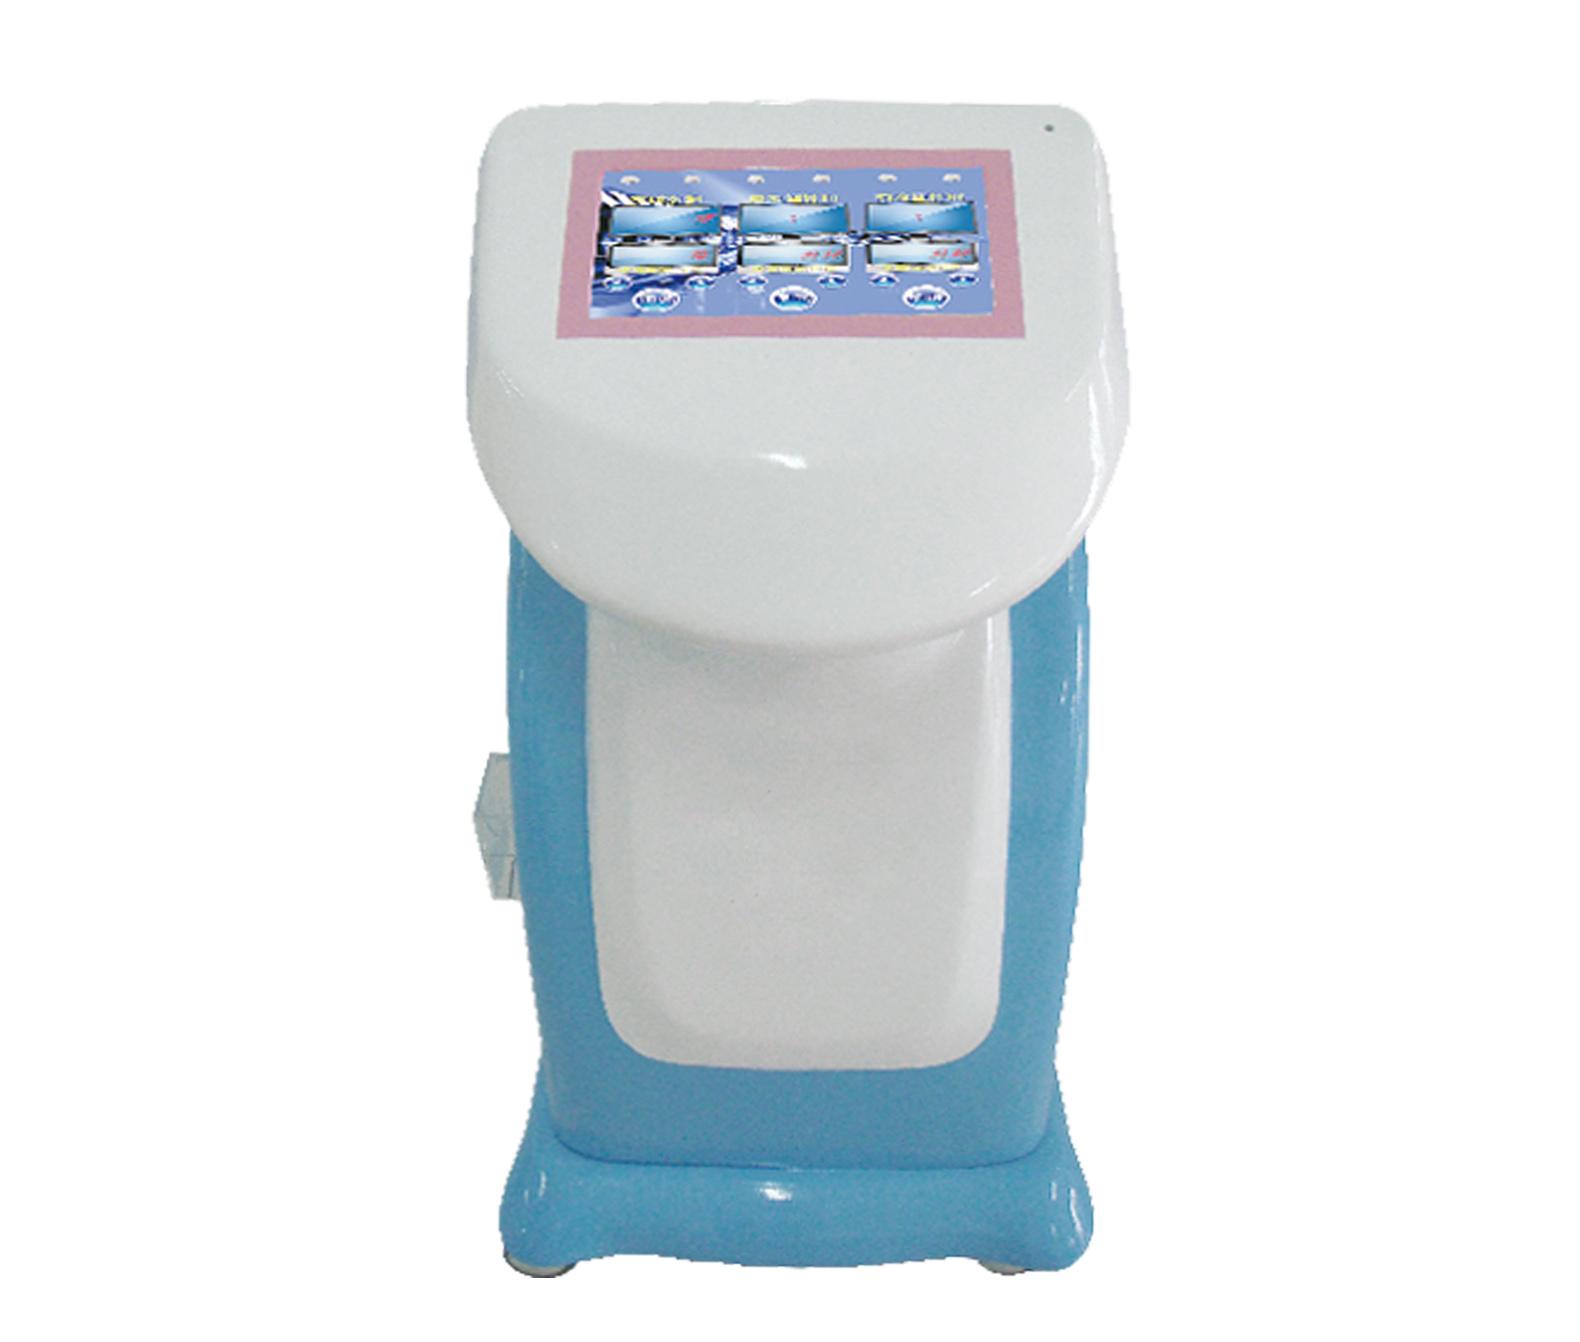 首创 型臭氧(六合一)/.妇科臭氧治疗仪/臭氧、雾化、冲洗、自动加热